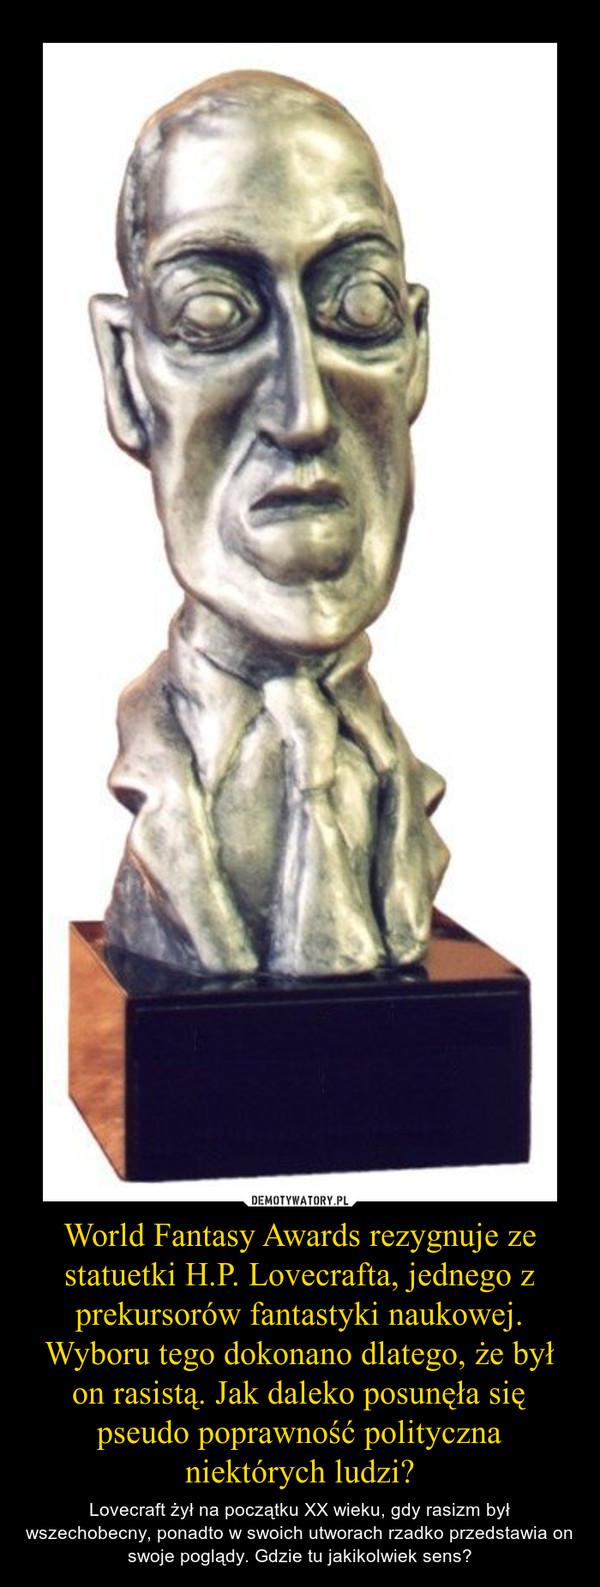 World Fantasy Awards rezygnuje ze statuetki H.P. Lovecrafta, jednego z prekursorów fantastyki naukowej. Wyboru tego dokonano dlatego, że był on rasistą. Jak daleko posunęła się pseudo poprawność polityczna niektórych ludzi? – Lovecraft żył na początku XX wieku, gdy rasizm był wszechobecny, ponadto w swoich utworach rzadko przedstawia on swoje poglądy. Gdzie tu jakikolwiek sens?